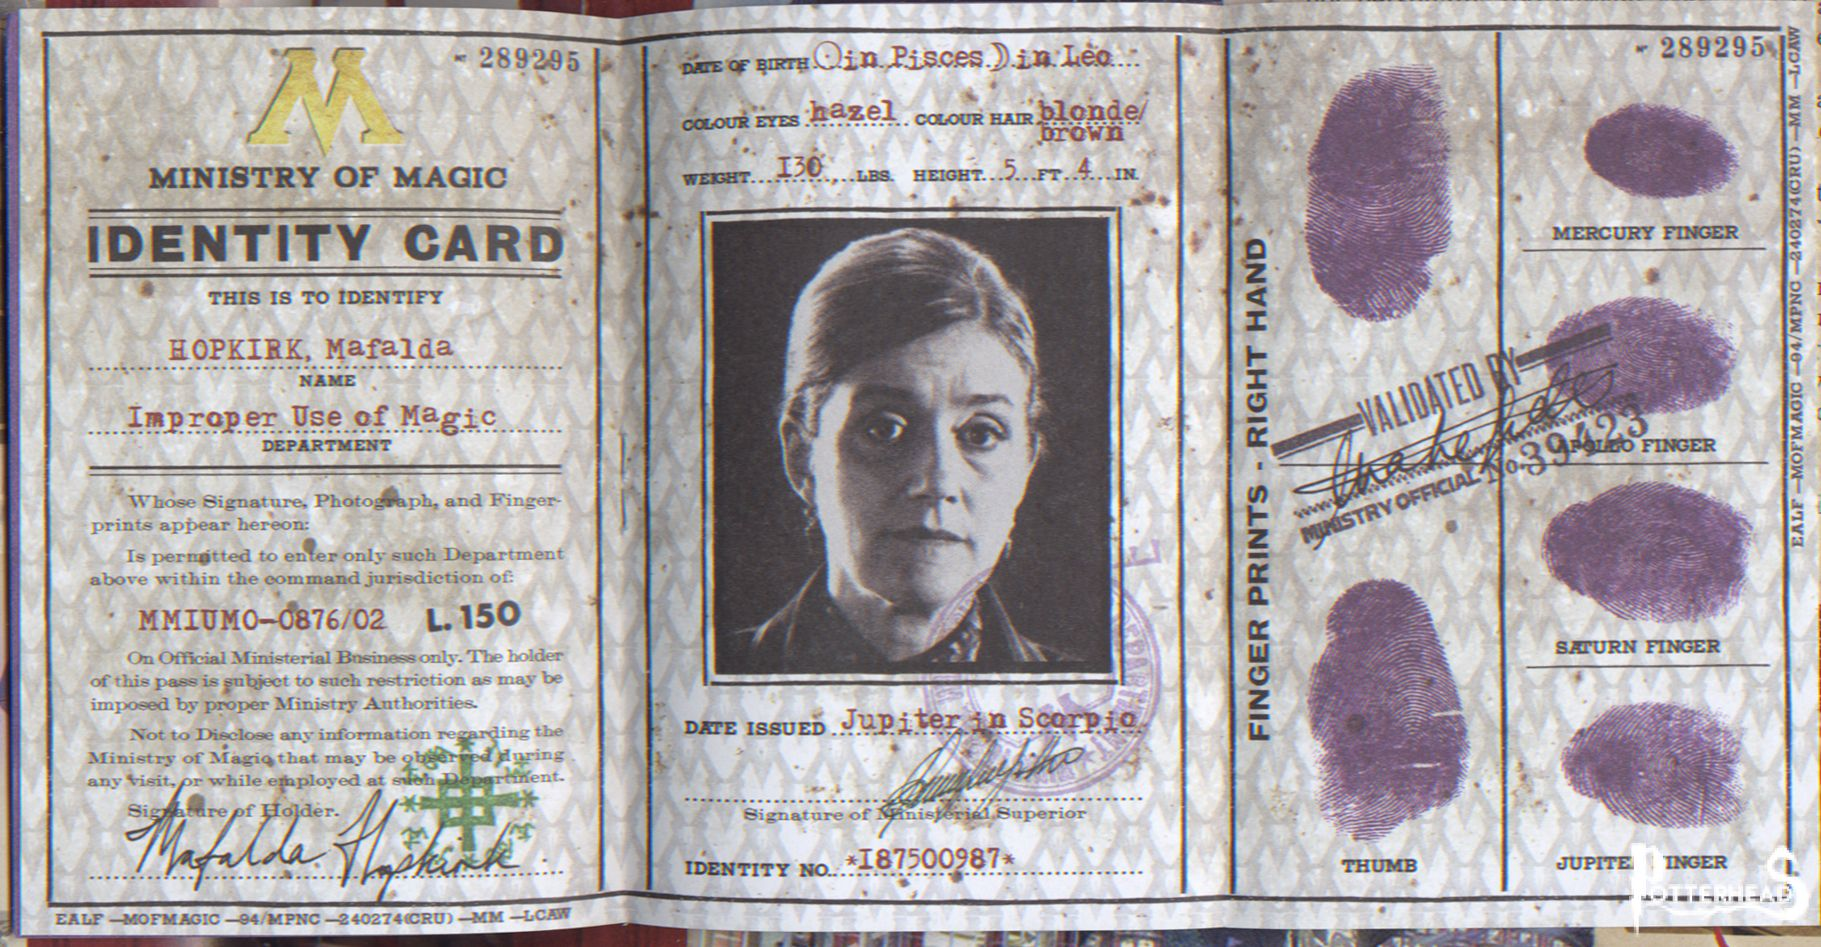 Ministero della Magia carta d'identit� Harry Potter - PotterPedia.it